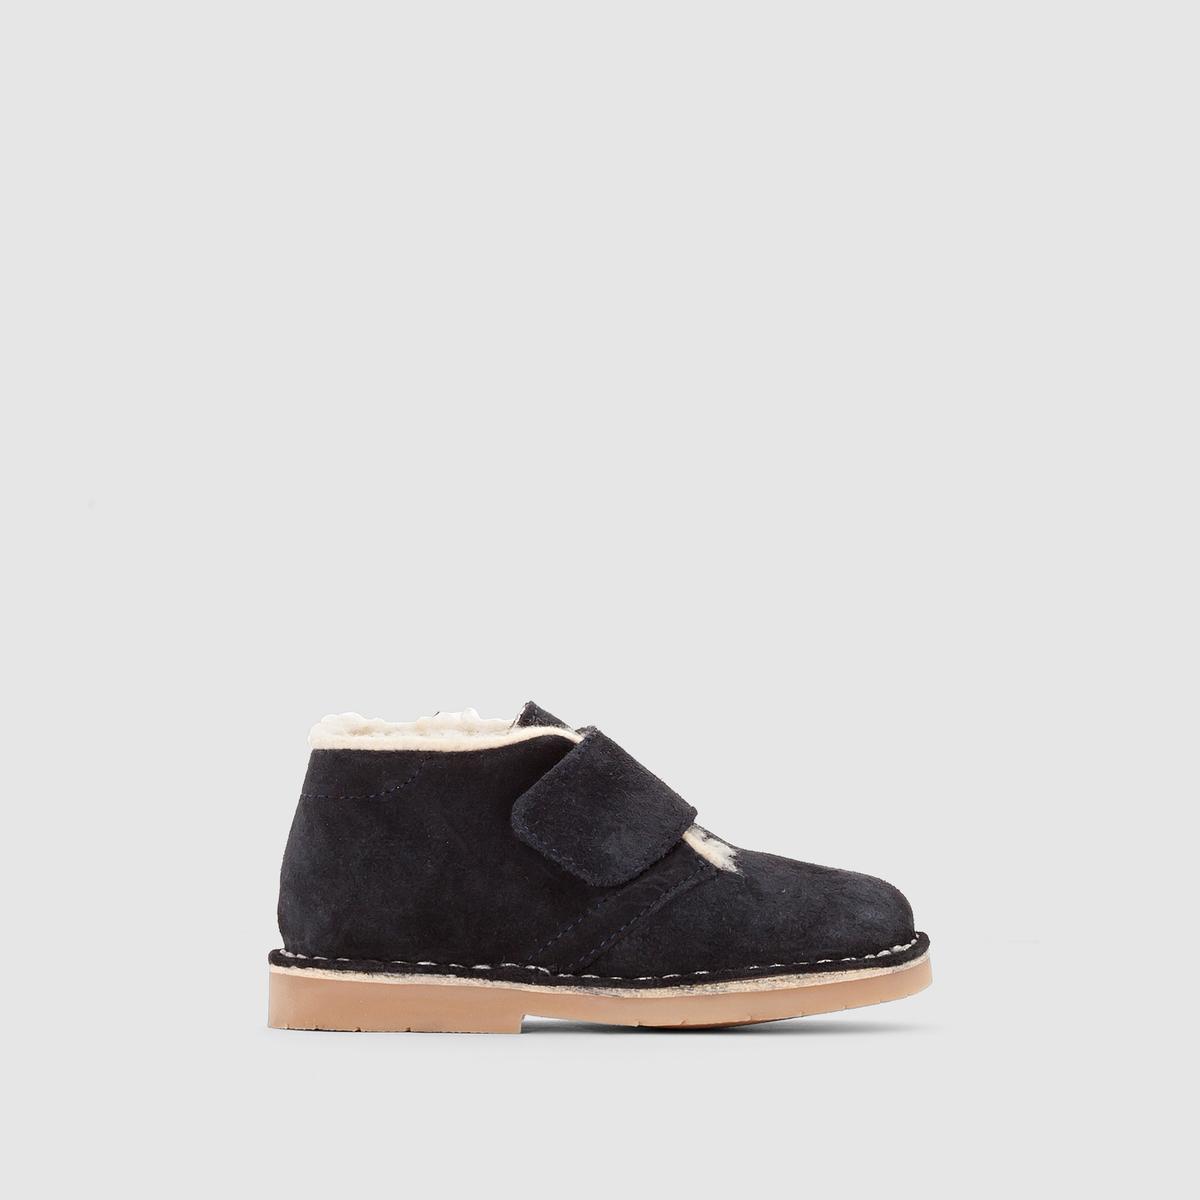 Ботинки из кожи на мехуПреимущества : мягкие ботинки R essentiel с искусственным мехом  дарят невероятный комфорт  . Особенно тщательная прошивка и материал, напоминающий замшу .<br><br>Цвет: синий морской<br>Размер: 25.20